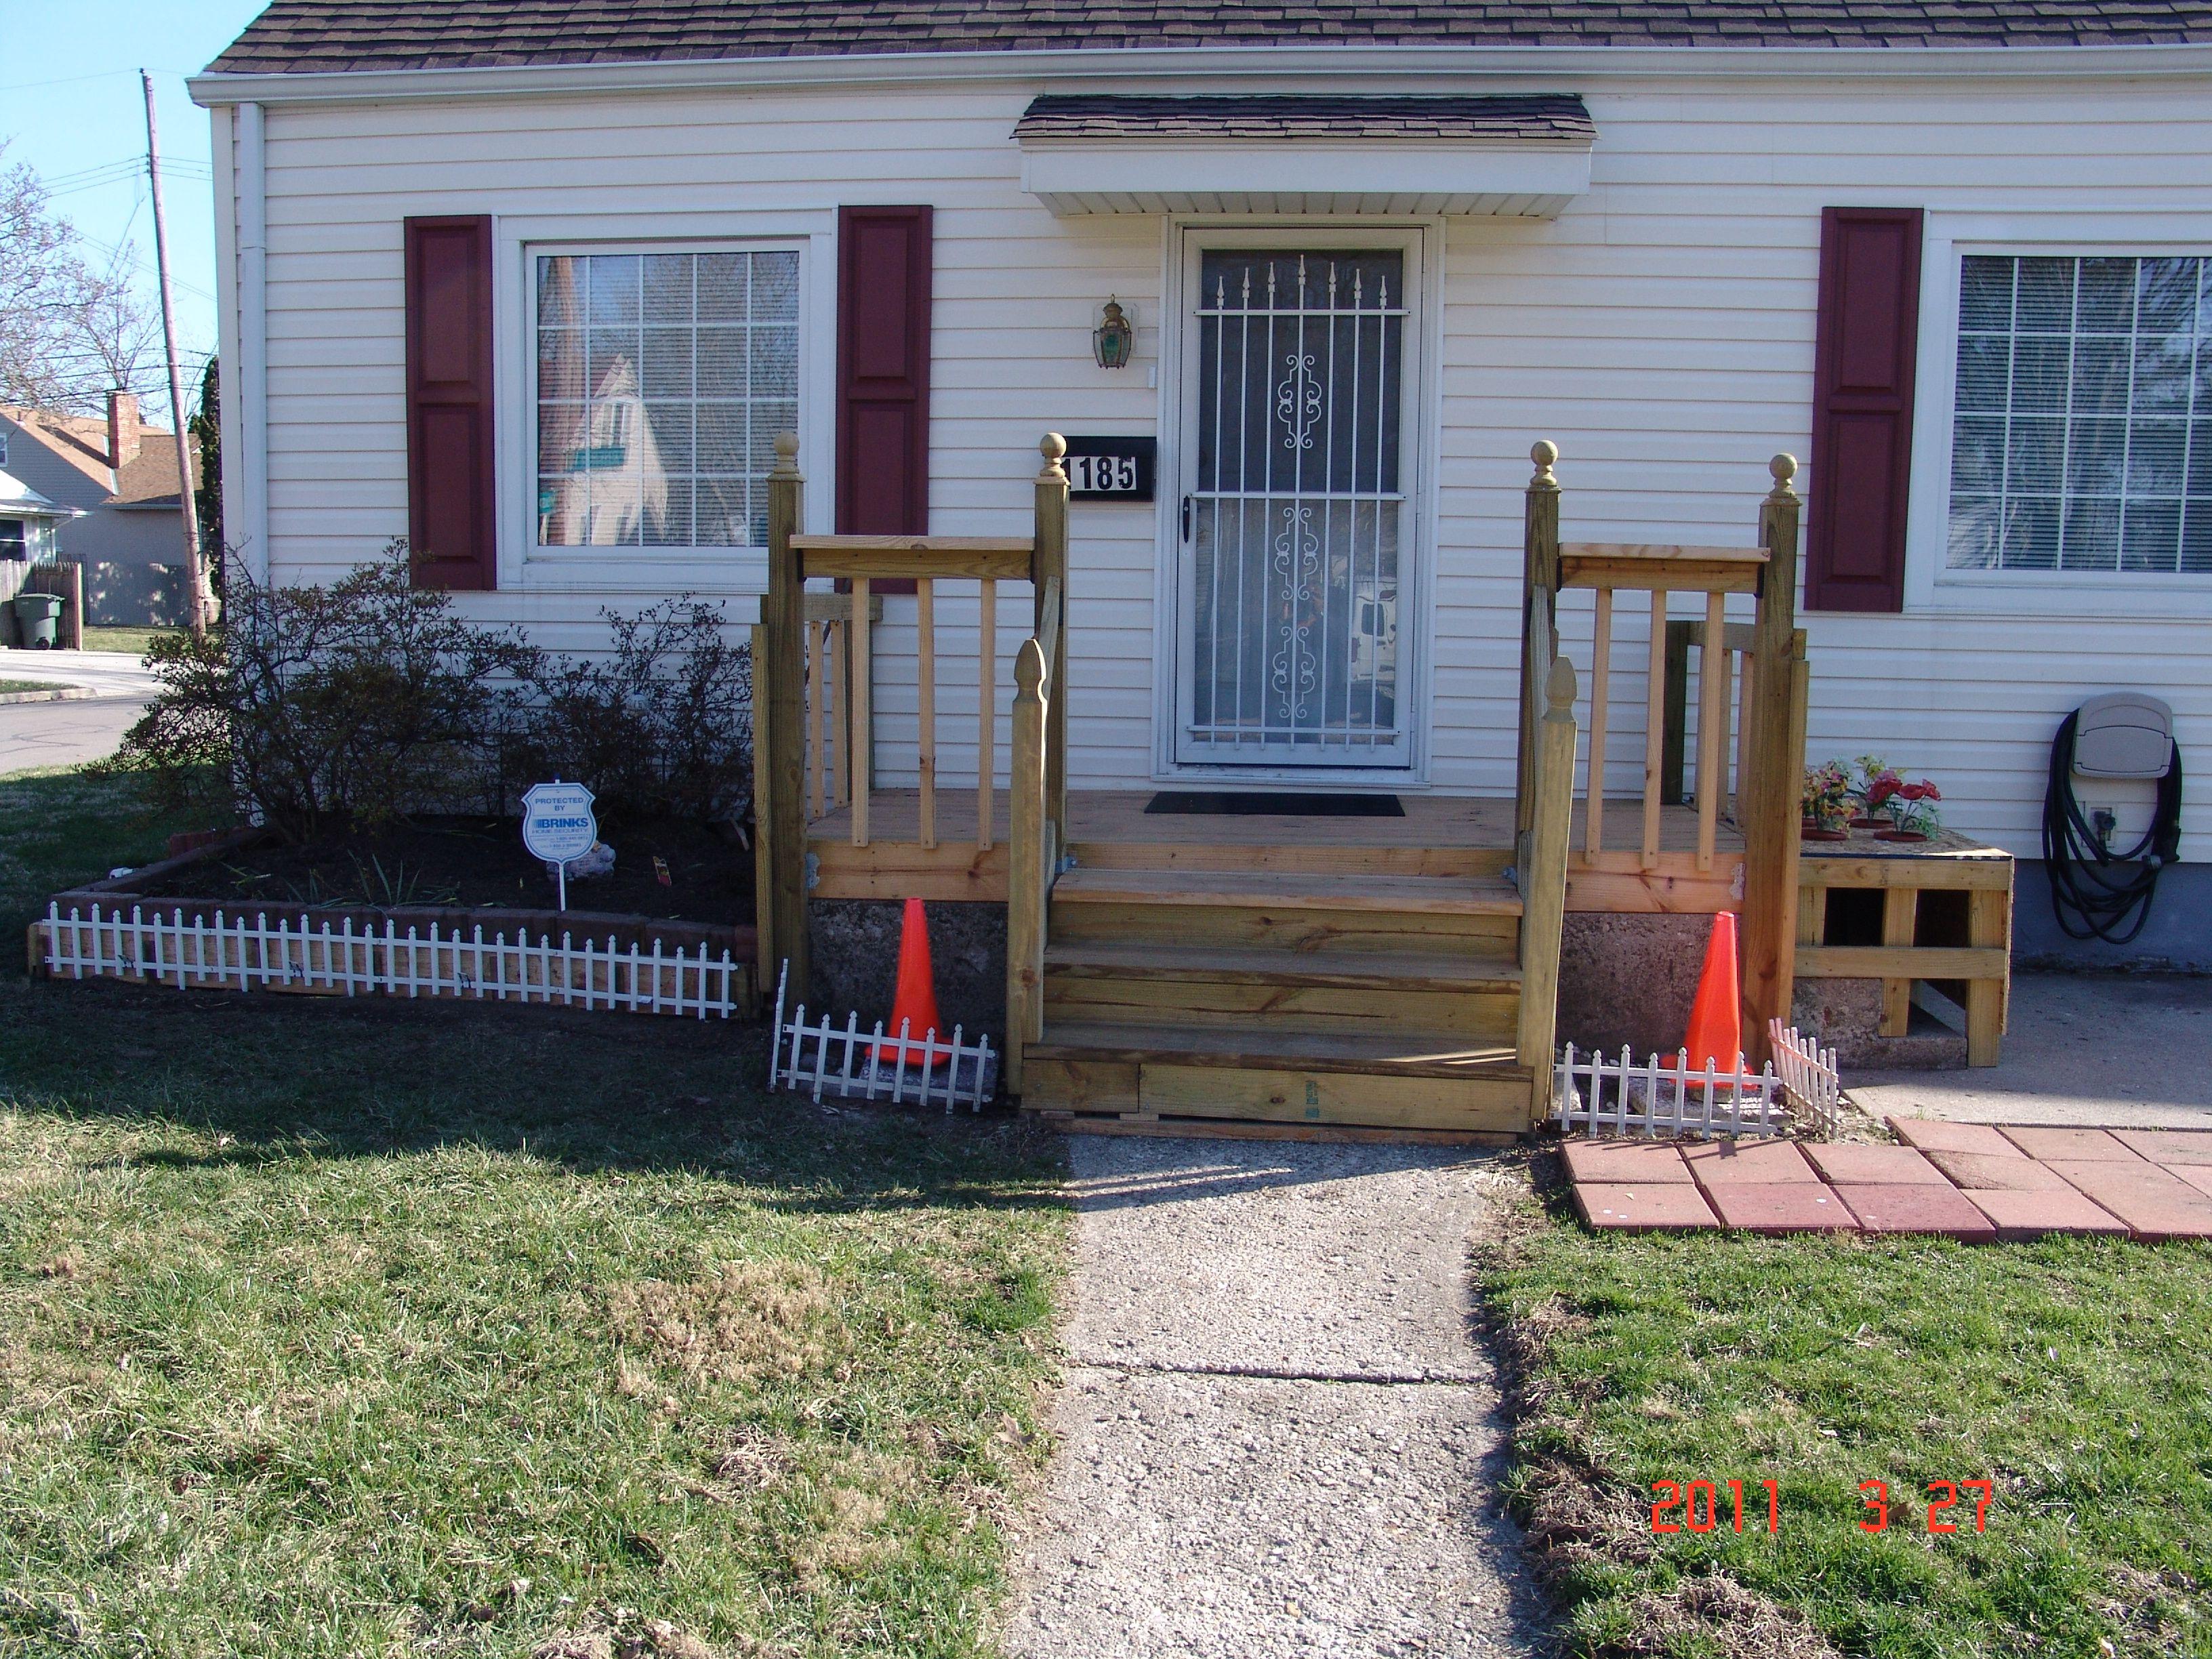 Building A Front Porch Deck Steps Rails Over Old Concrete Steps